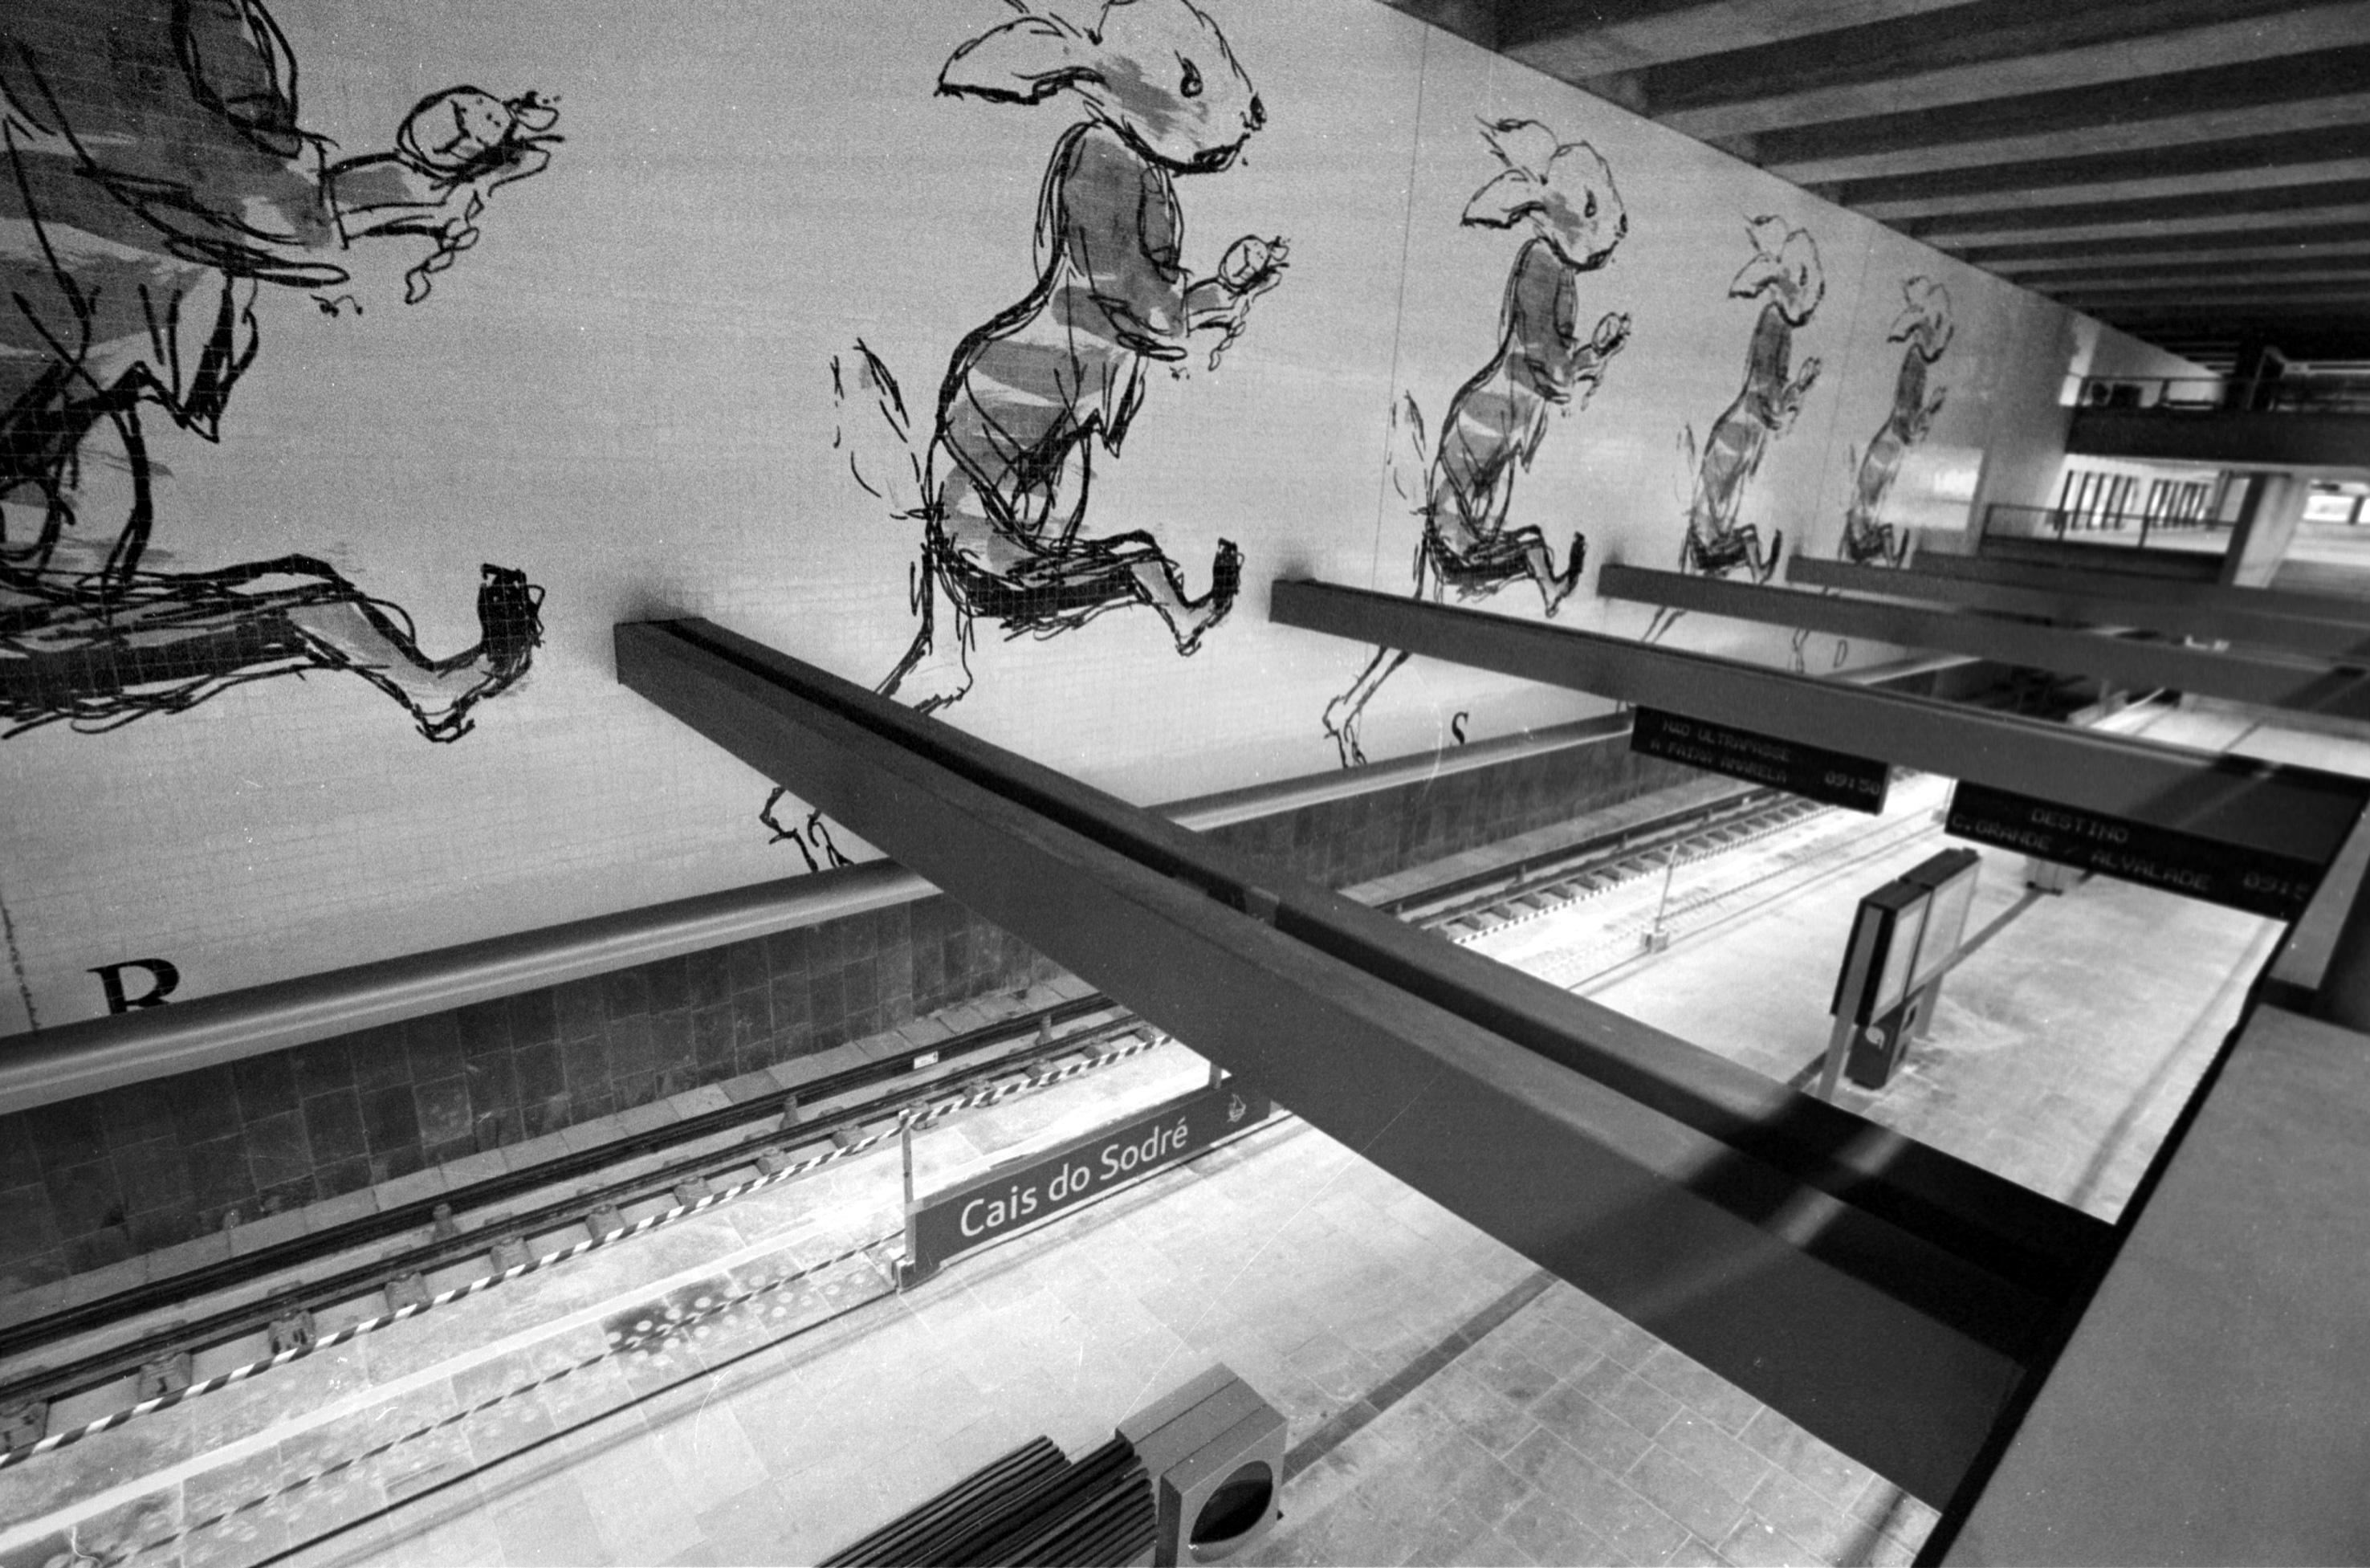 Estação do Metro do Cais do Sodré